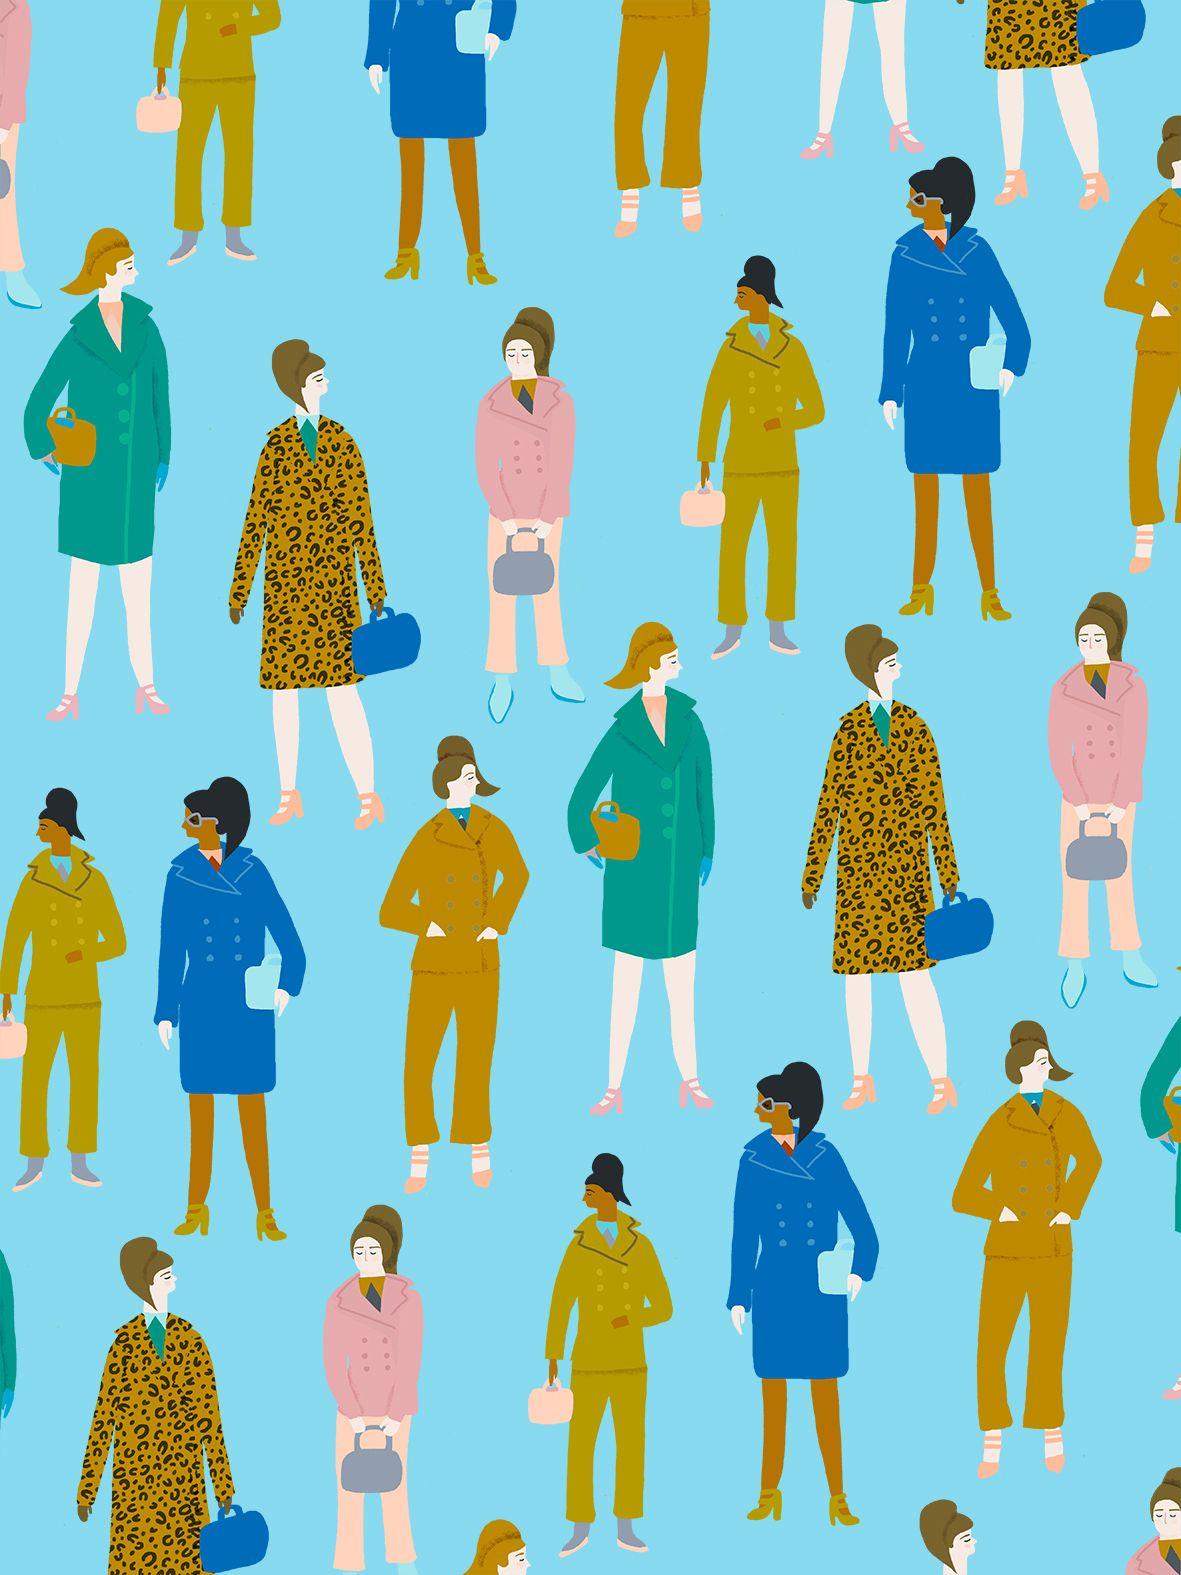 Naomi Wilkinson Illustration (A pattern of Prada's autumn/winter 2015 collection)